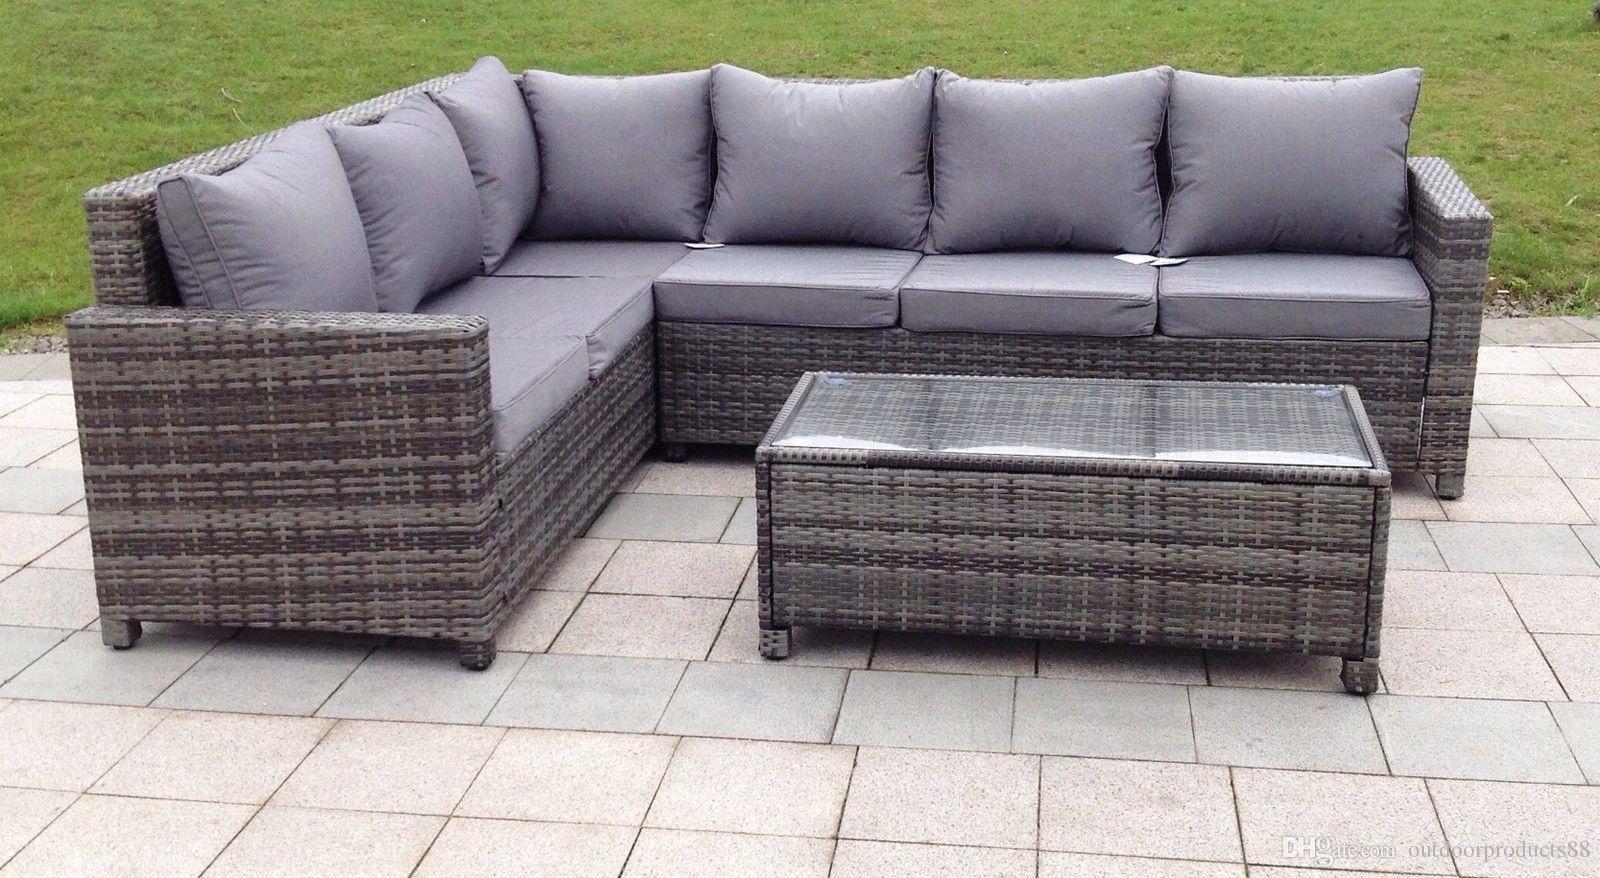 2019 Outdoor Rattan Weave Corner Lounge Sofa Set Rattan Weave Garden